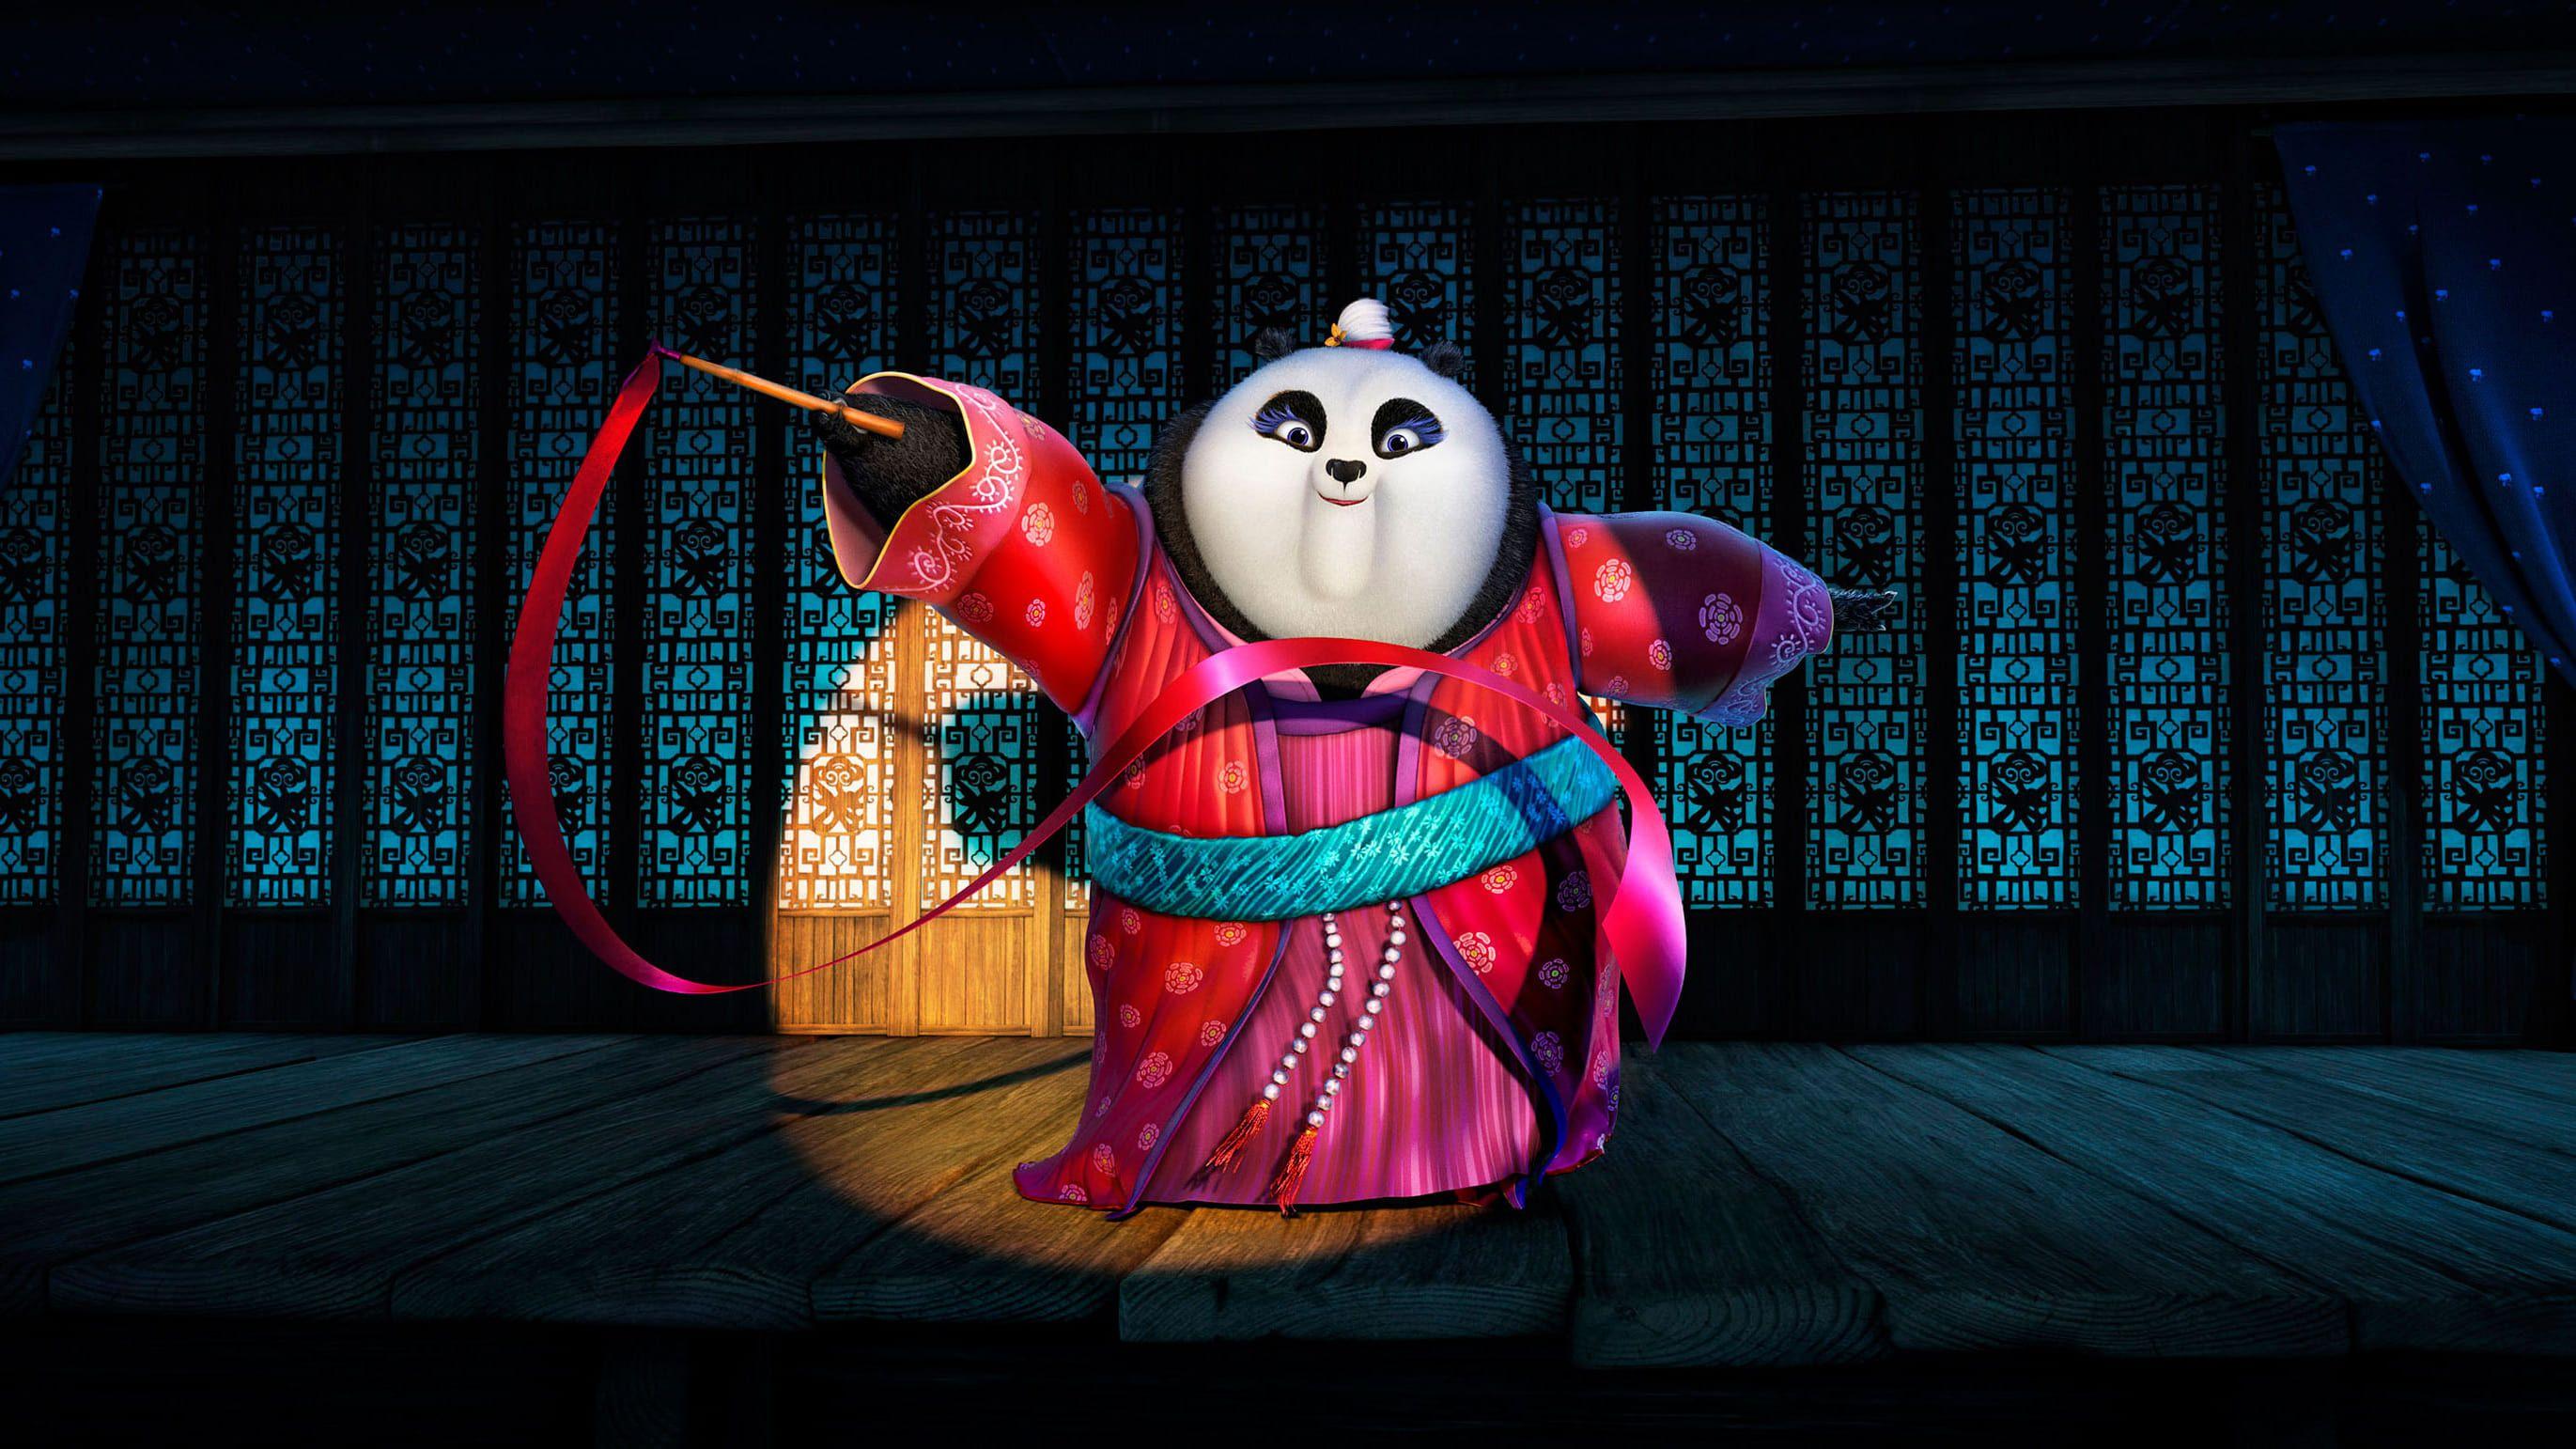 Kung Fu Panda 3 Regarder Film Complet Francais 2016 Voir Kung Fu Panda 3 2016 En Ligne Gratuitement En T Kung Fu Panda Animazione Film Di Animazione